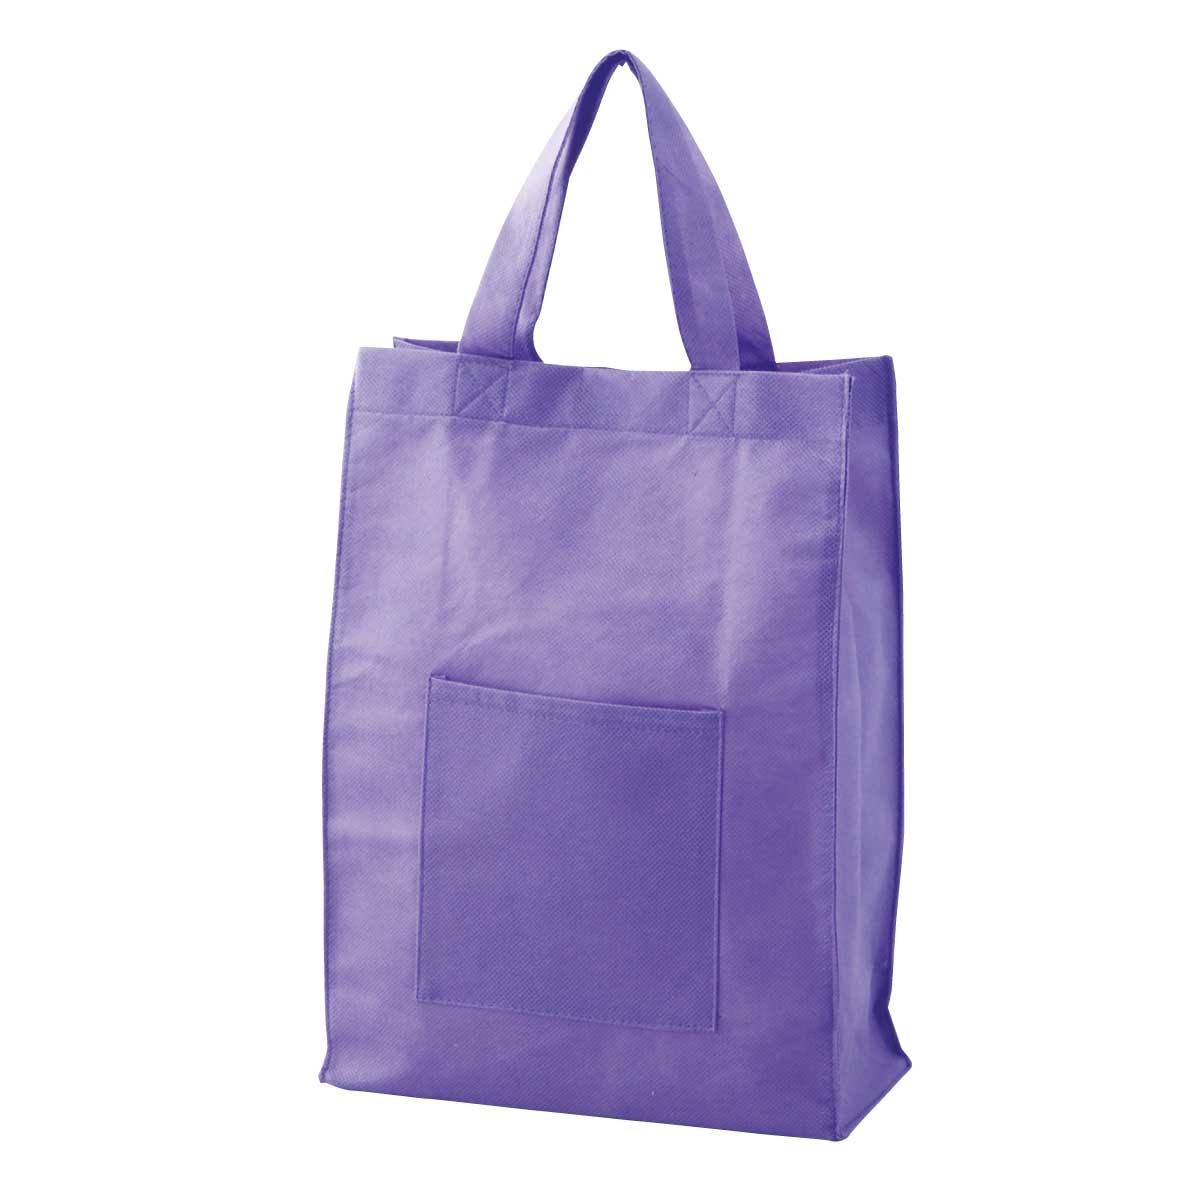 不織布手提げバッグ(紫)